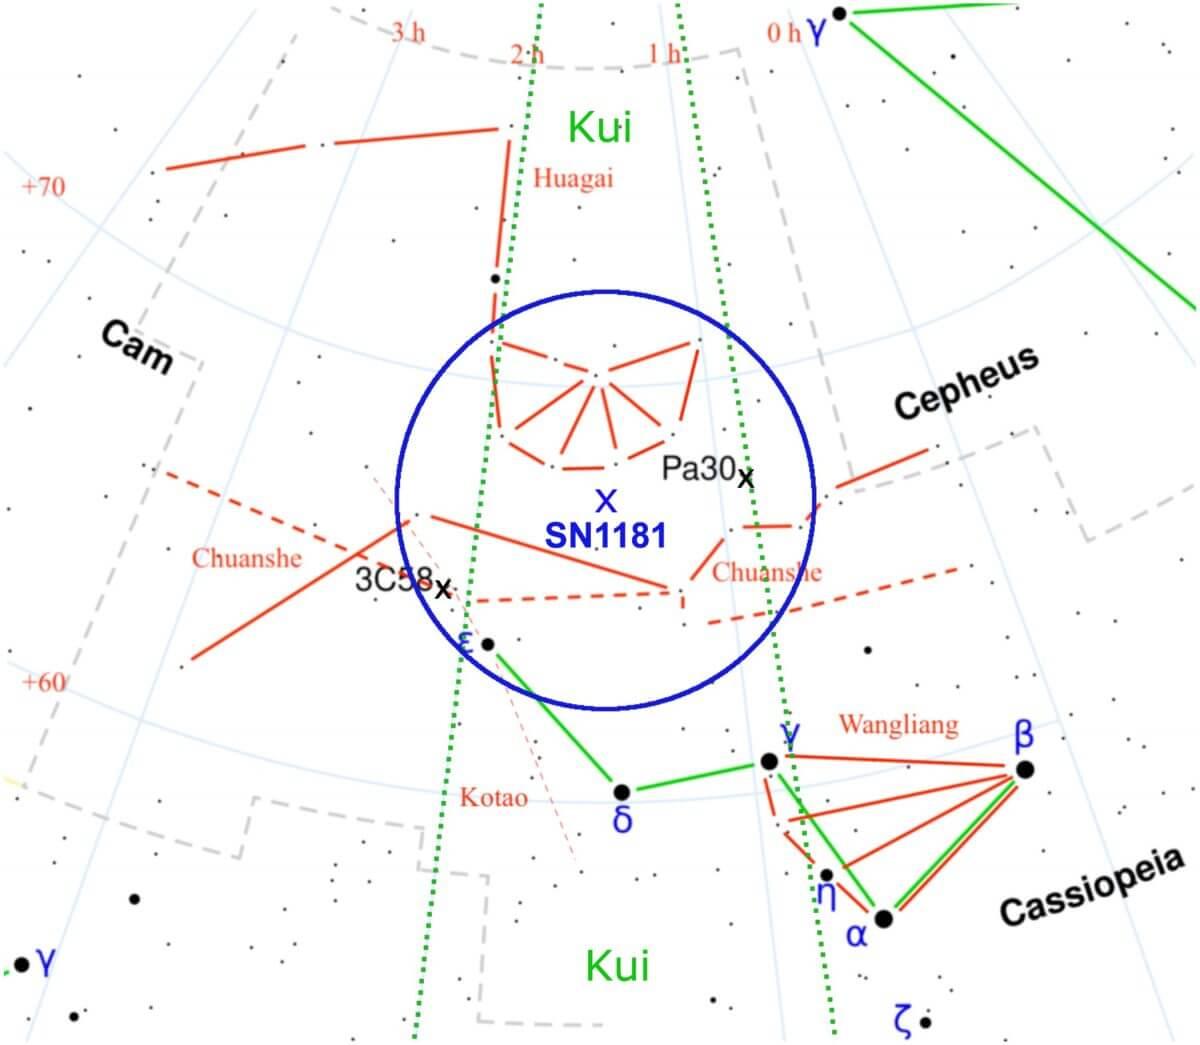 SN 1181の推定位置を青い×印、Pa 30と3C 58の位置を黒い×印で示した図。SN 1181の推定位置を中心とした青い円の半径は5度。赤い実線は中国で用いられていた星官、緑の実線は現在用いられている星座を示す(Credit: A. Ritter et al.)